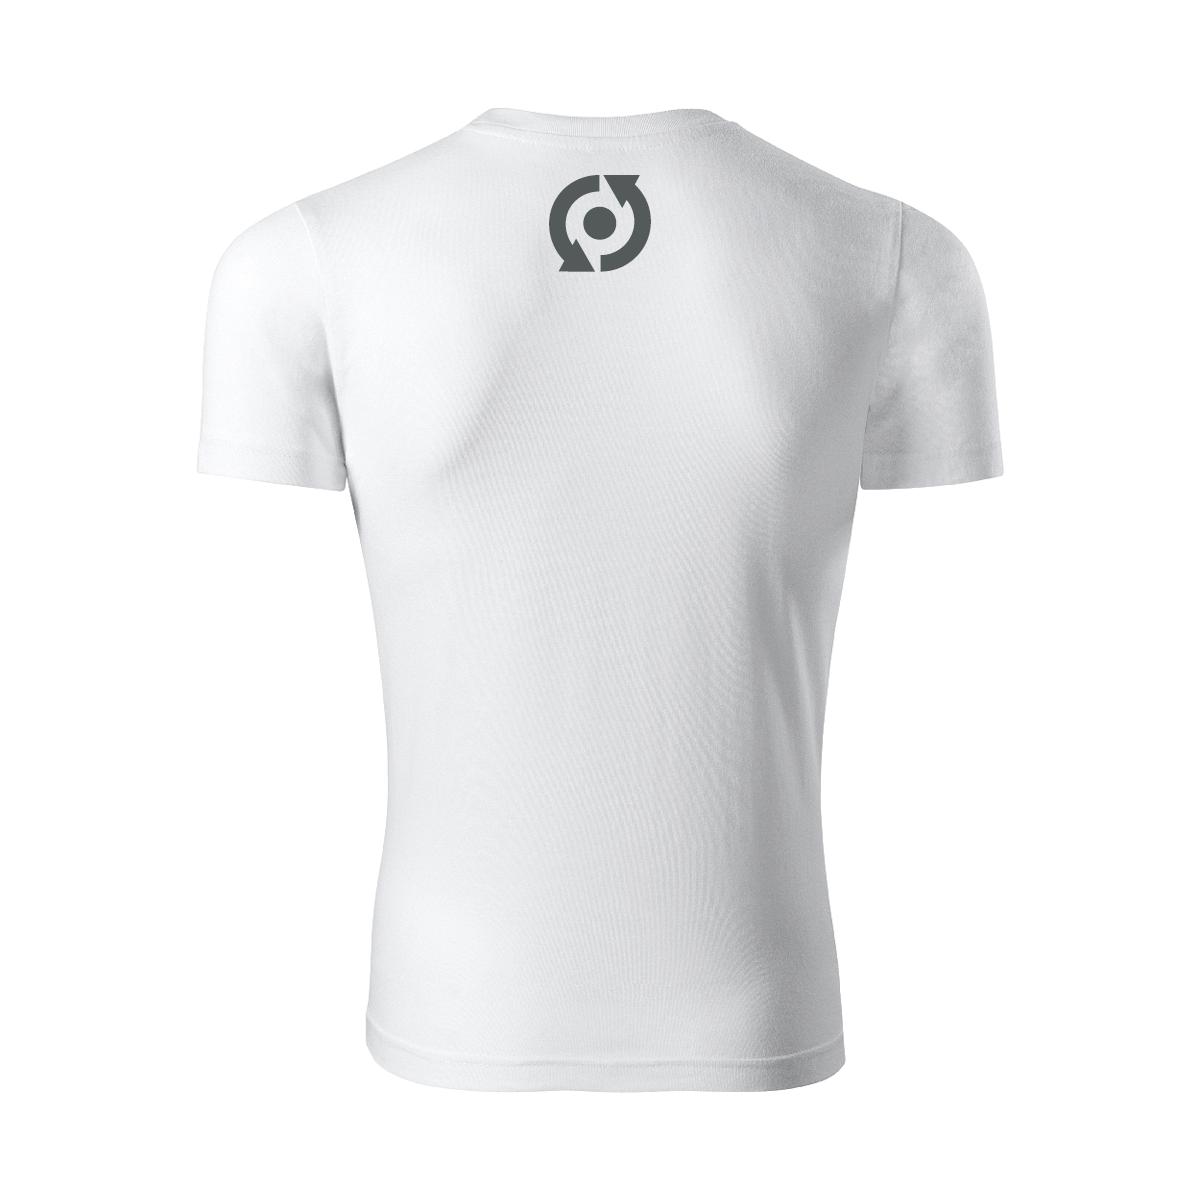 Scitec Nutrition 100% Scitec Nutrition Mens T-Shirt